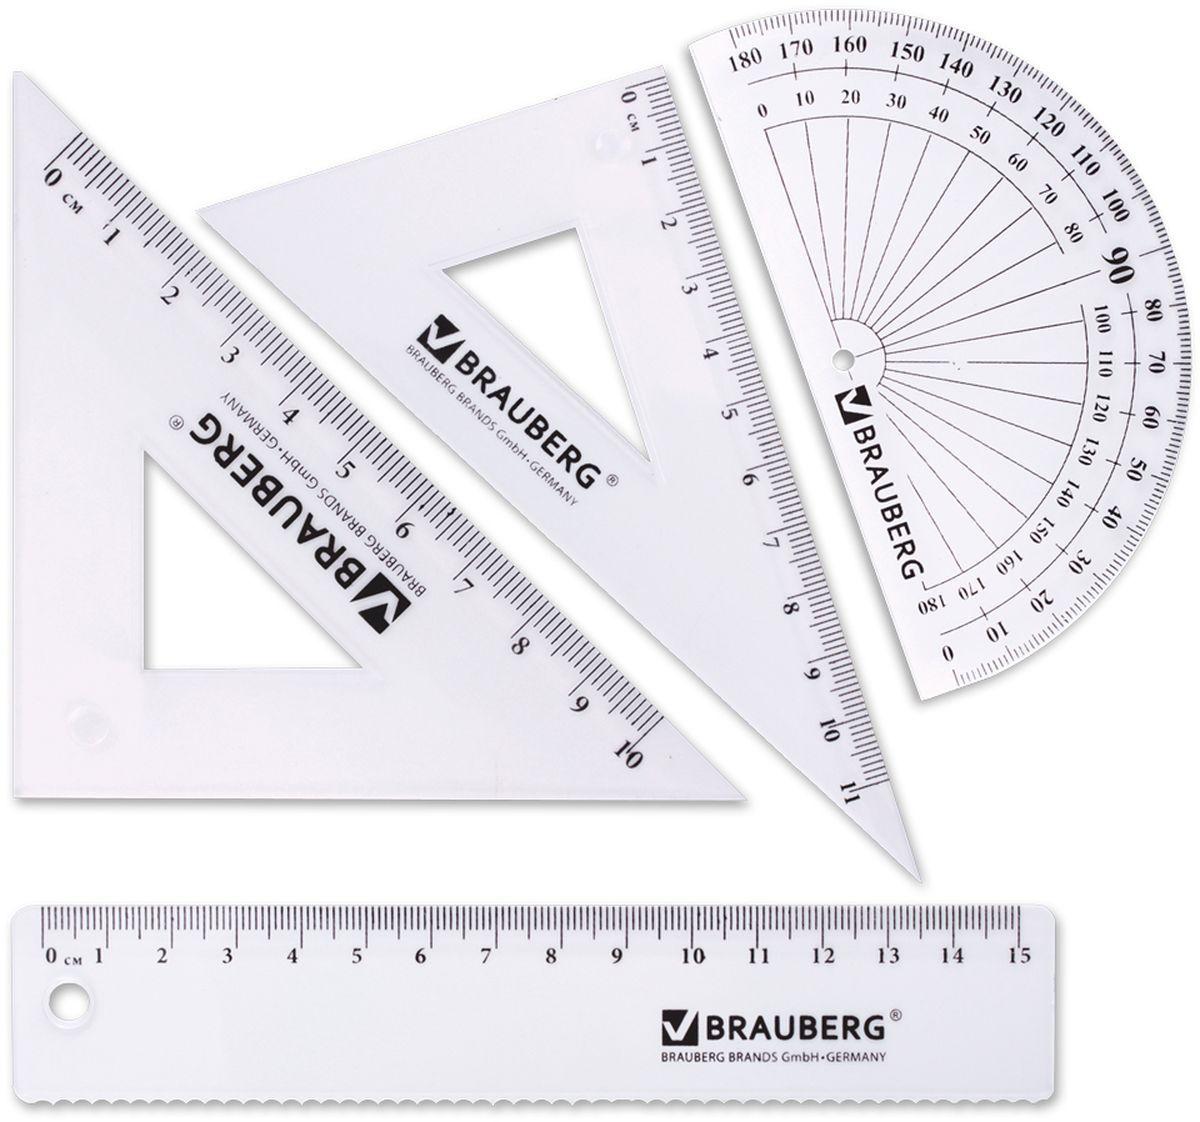 Brauberg Набор чертежный 4 предмета 210306210306Набор геометрический из прозрачного, прочного пластика толщиной 1,4 - 2 мм. Предназначен для чертёжных работ. Набор включает в себя четыре предмета: линейка со шкалой 15 см, треугольник с углами 30°/60° и шкалой 11 см, треугольник с углами 45°/45° и шкалой 10 см, транспортир 180°.